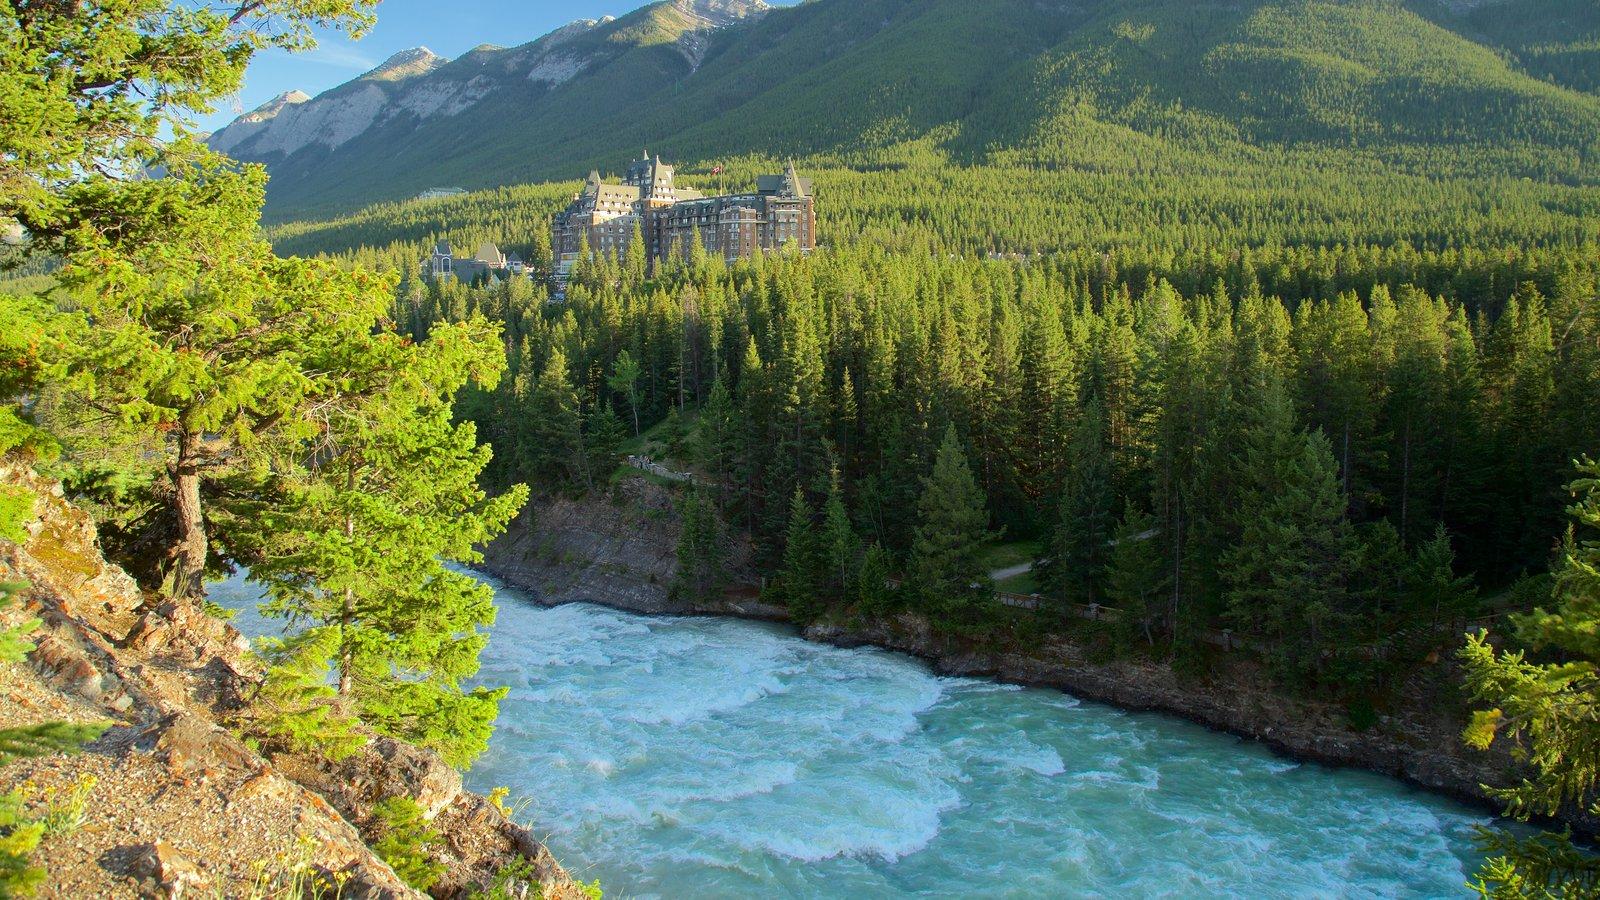 Parque nacional Banff ofreciendo escenas tranquilas y un río o arroyo